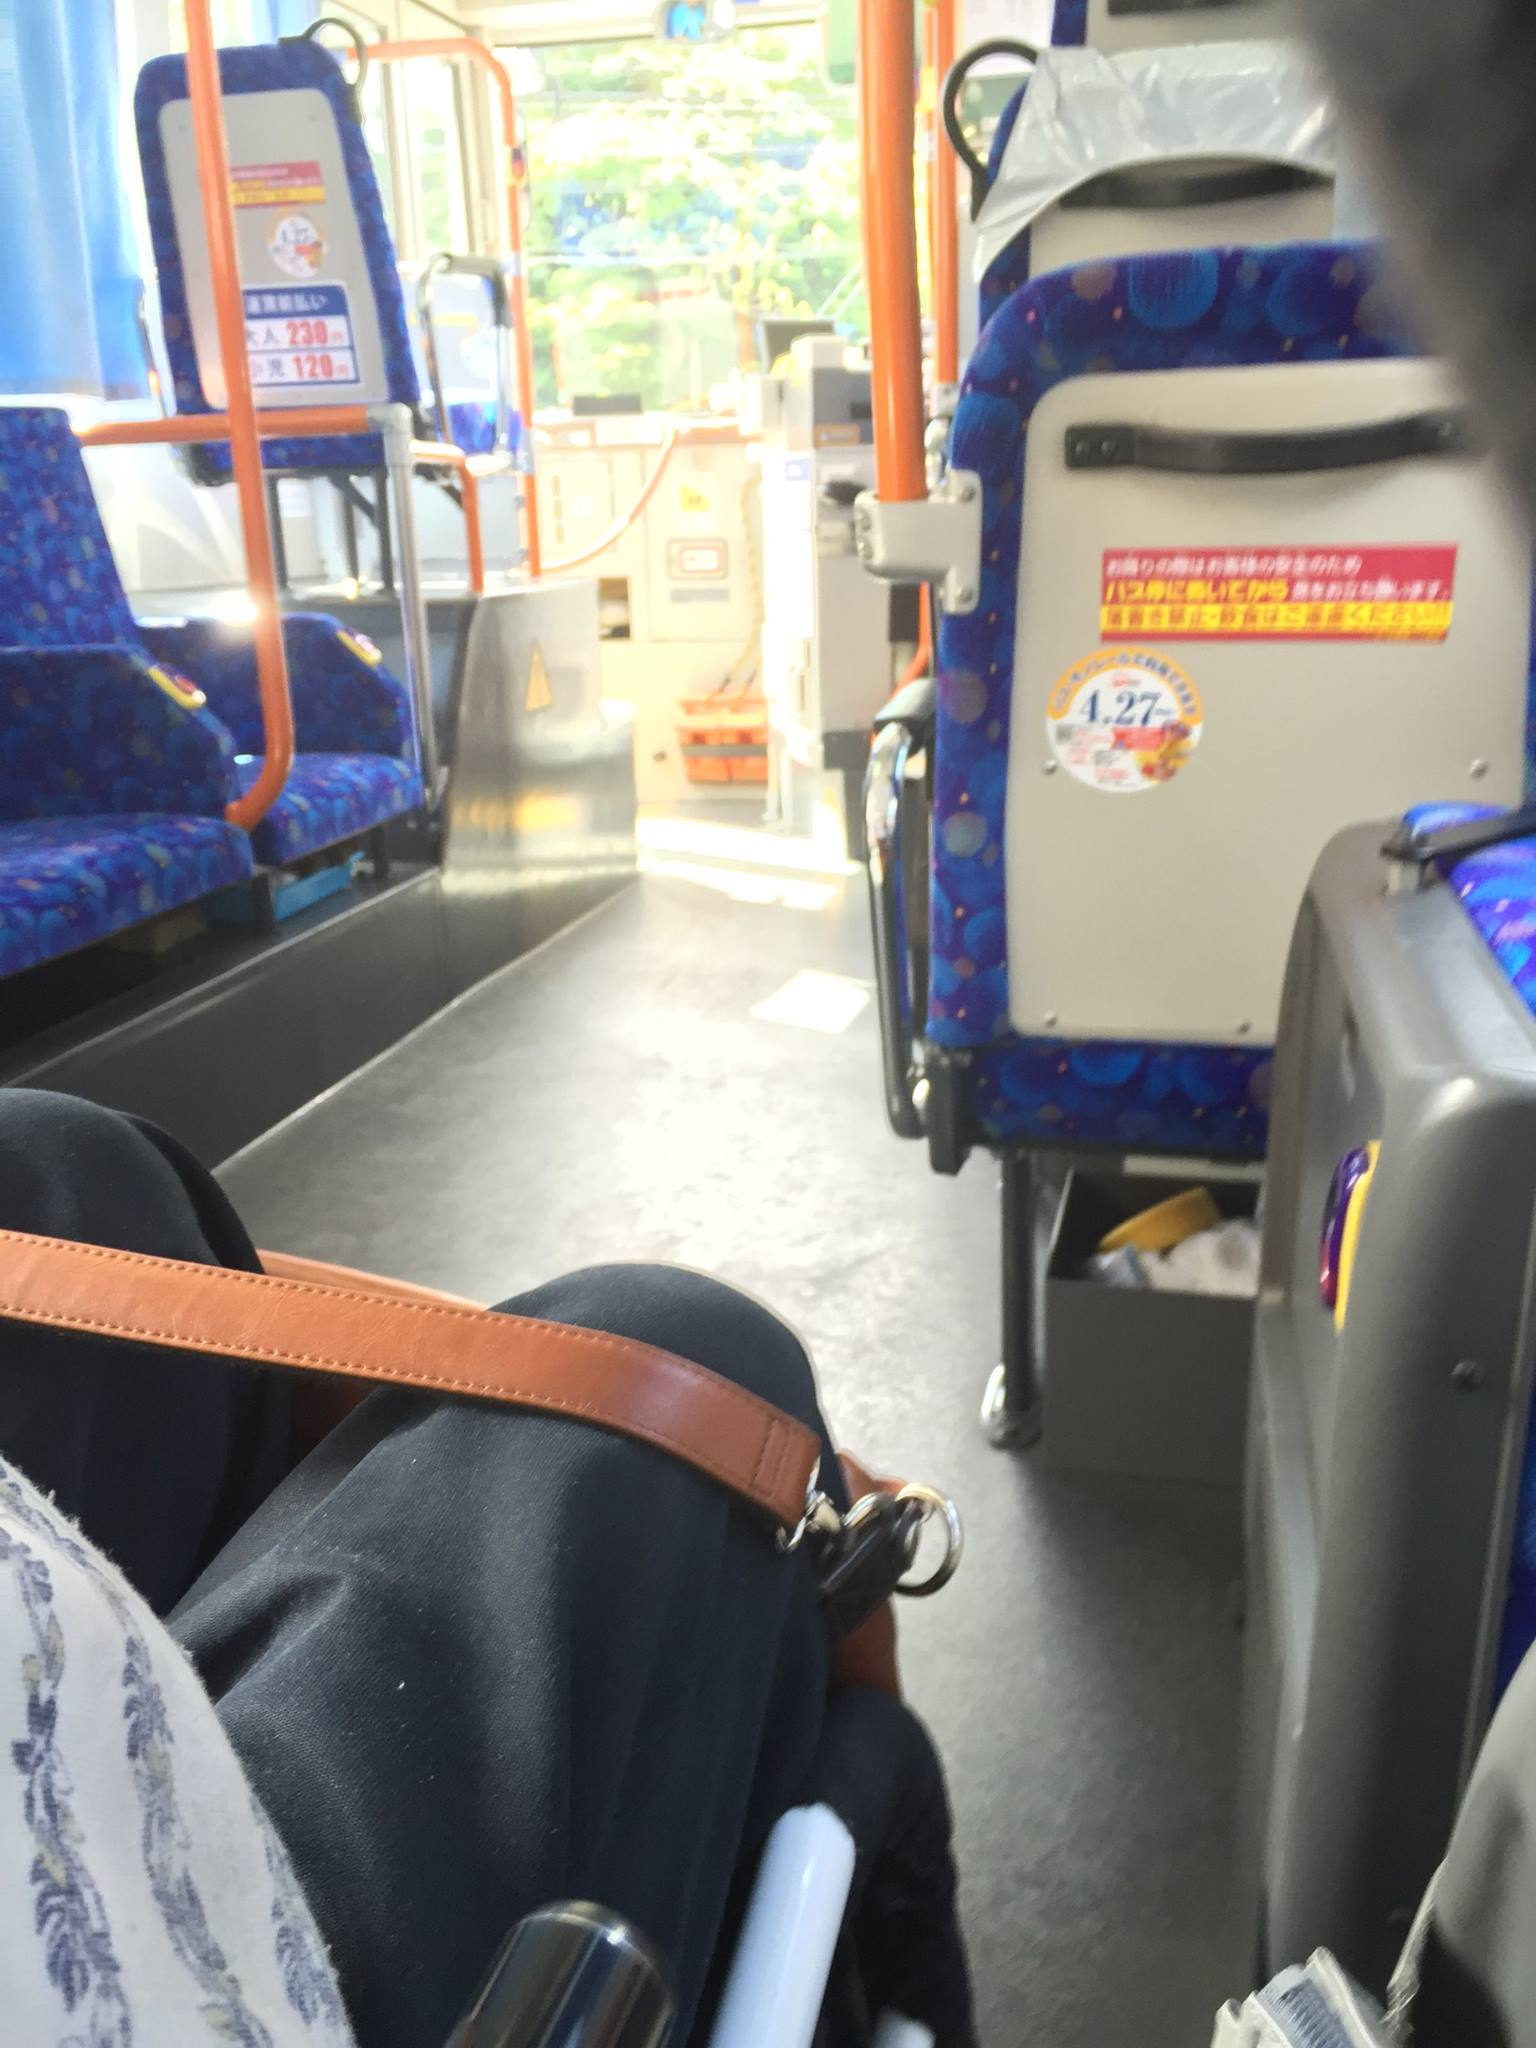 ノンステップバス運行状況が分からない1